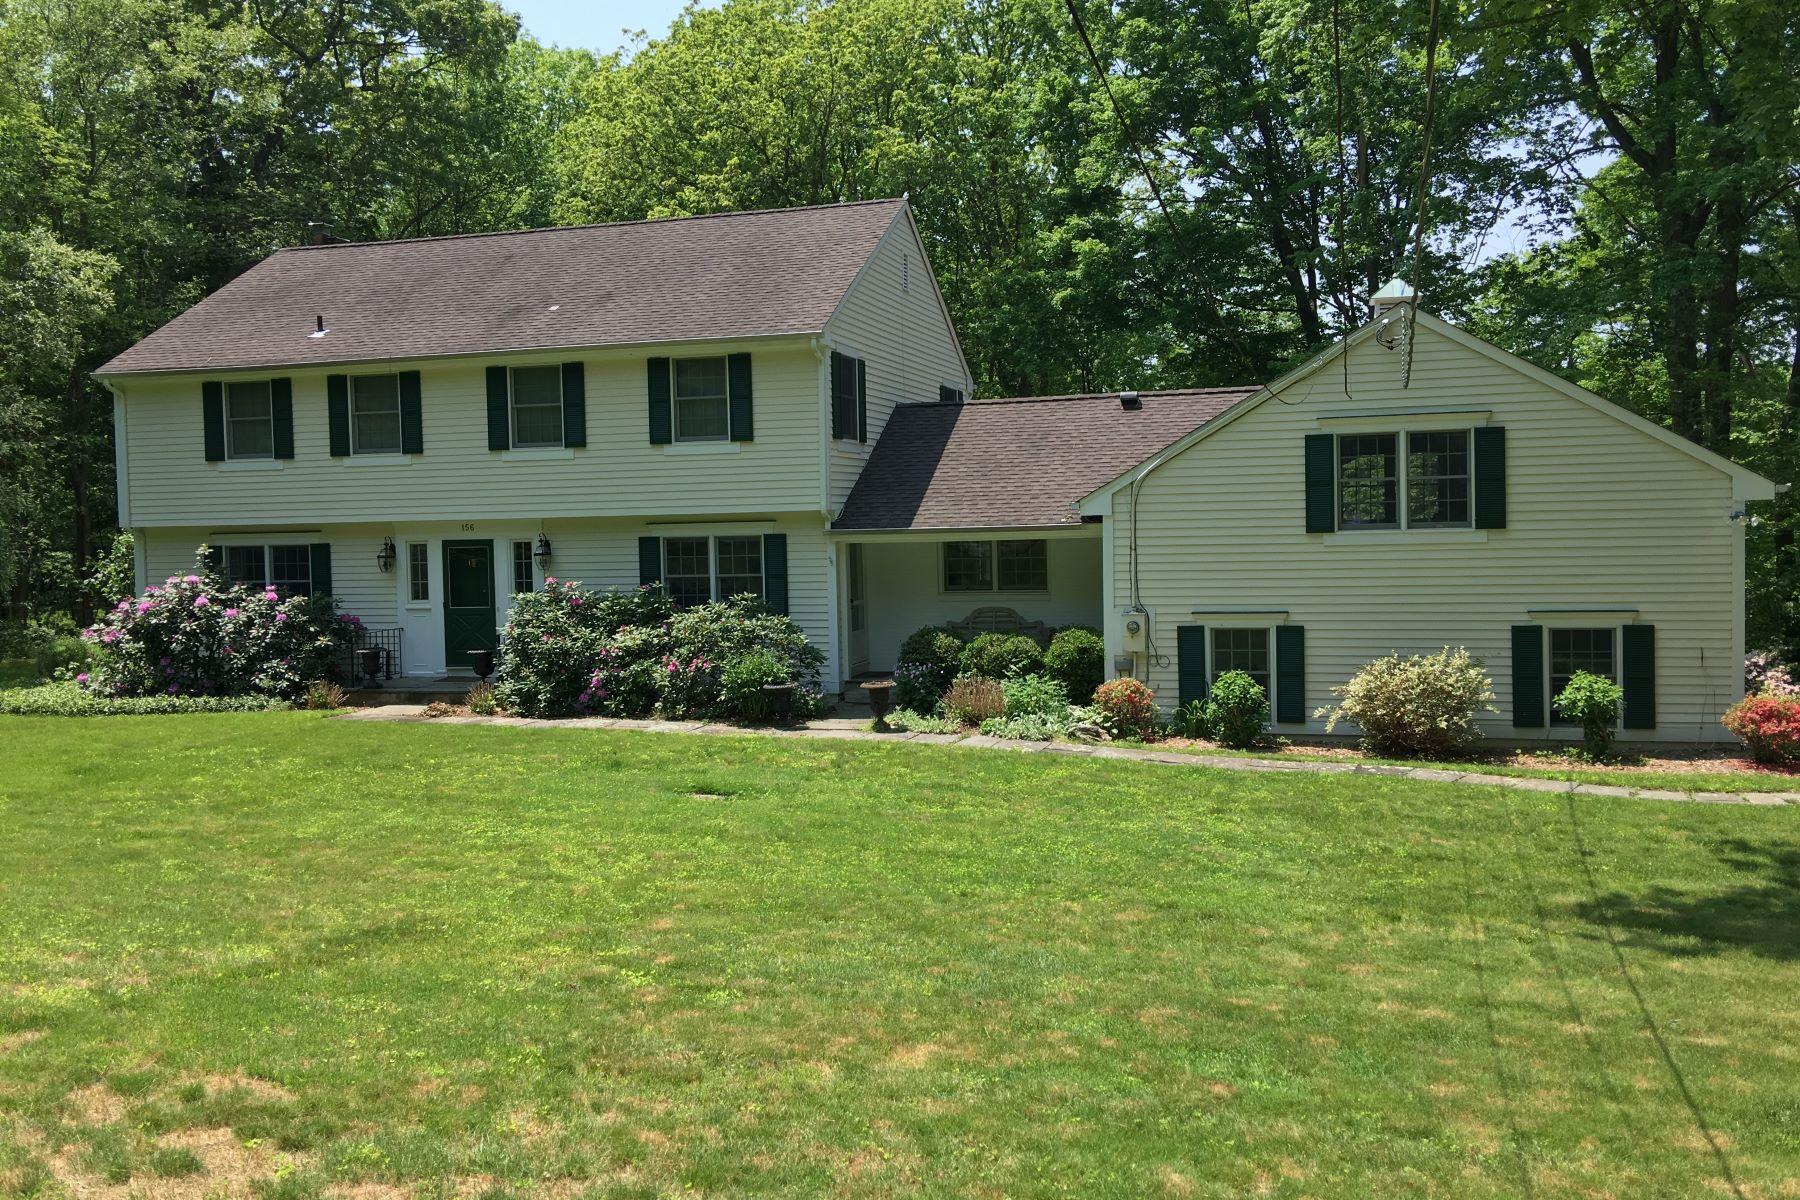 Частный односемейный дом для того Продажа на Center Hall Colonial 156 Colonial Road, New Canaan, Коннектикут, 06840 Соединенные Штаты